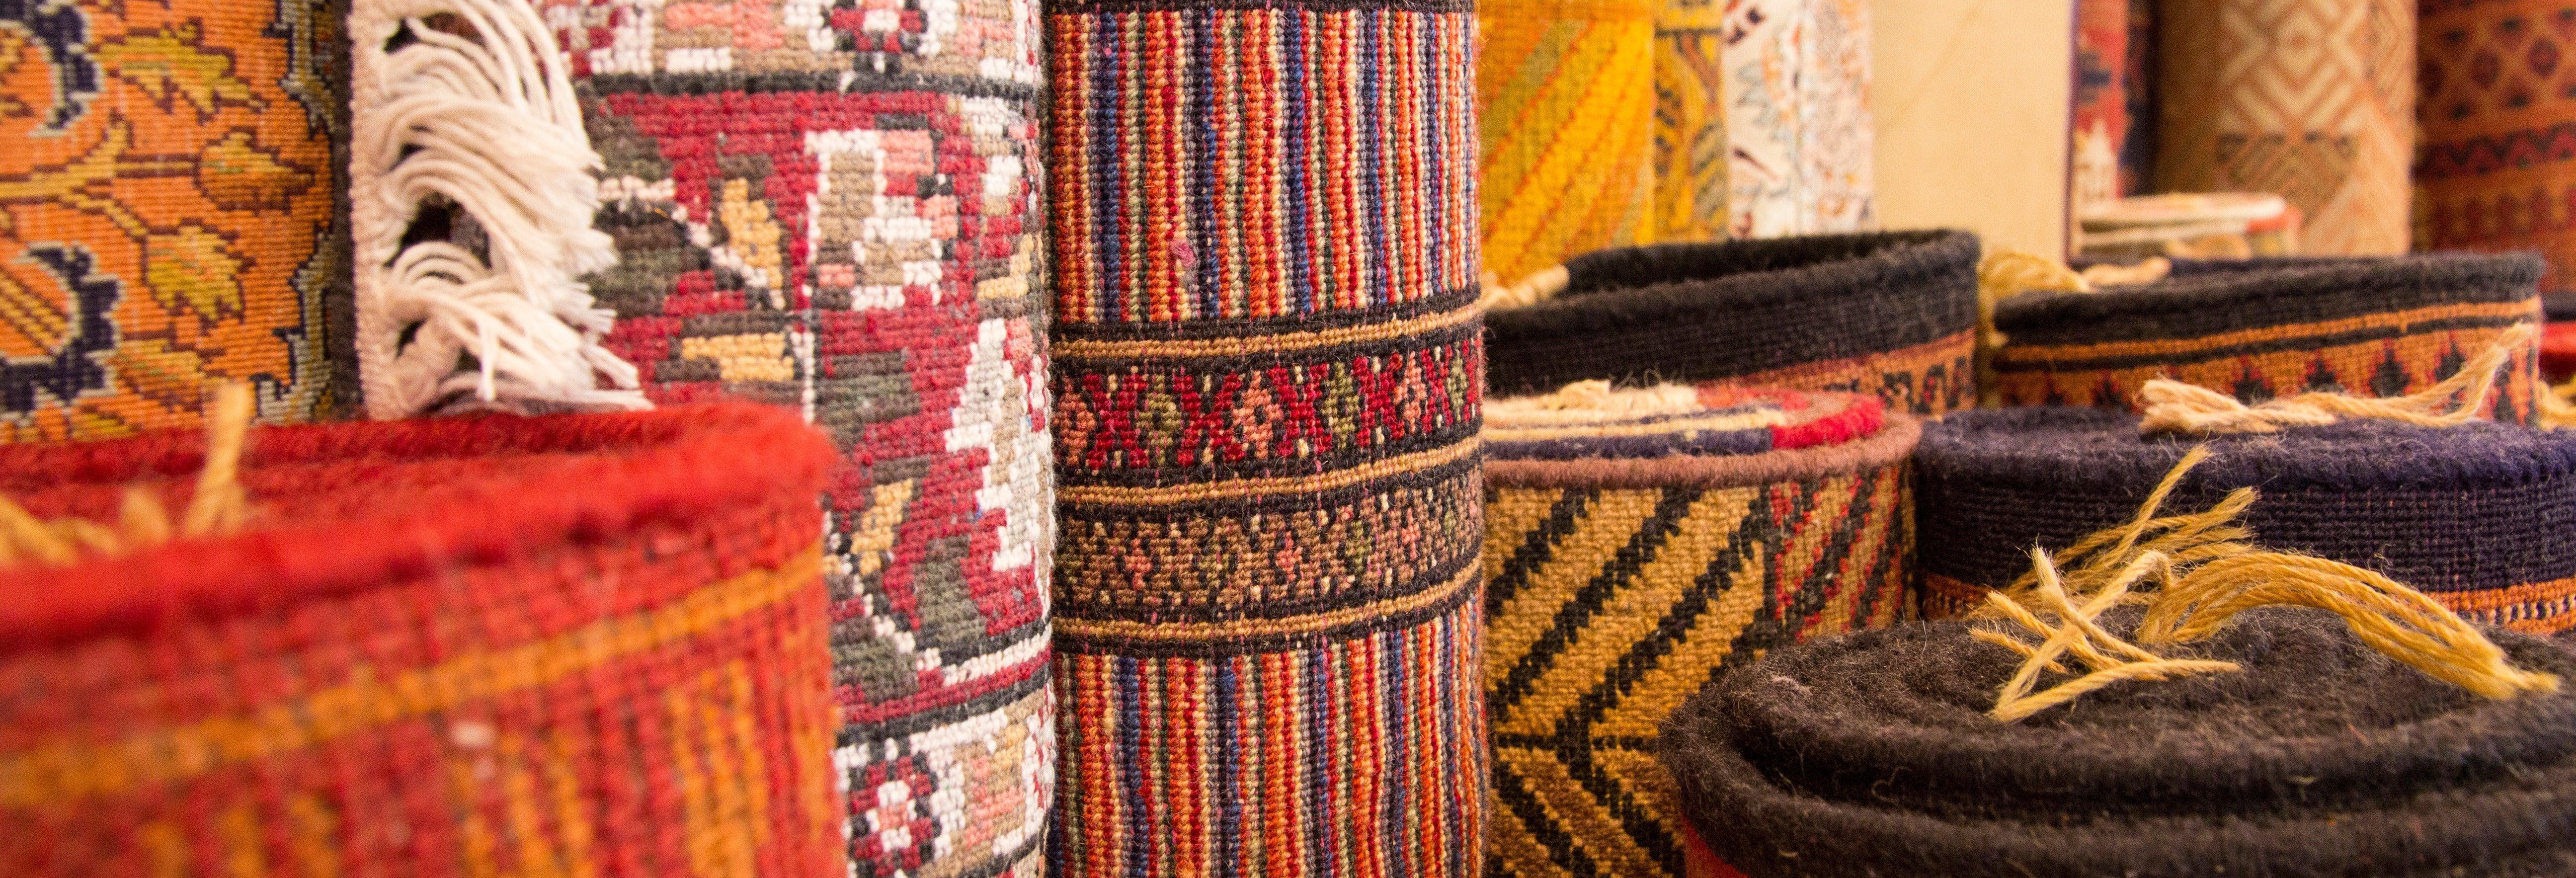 Tour dell'artigianato a Jaipur